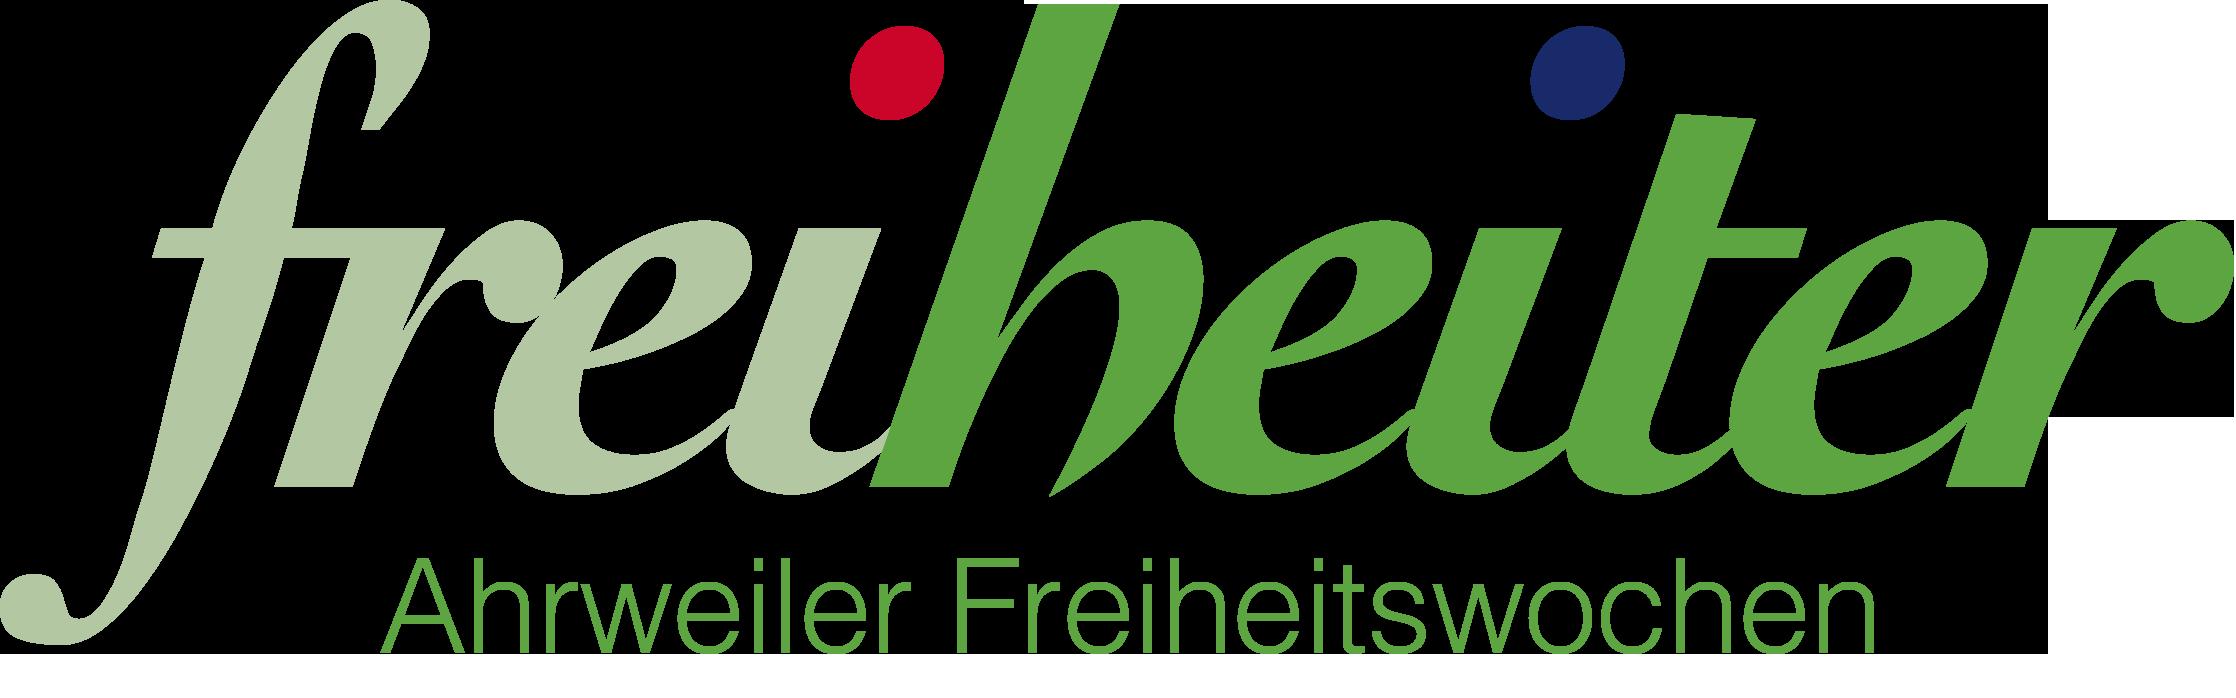 Freiheiter –  Ahrweiler Freiheitswochen